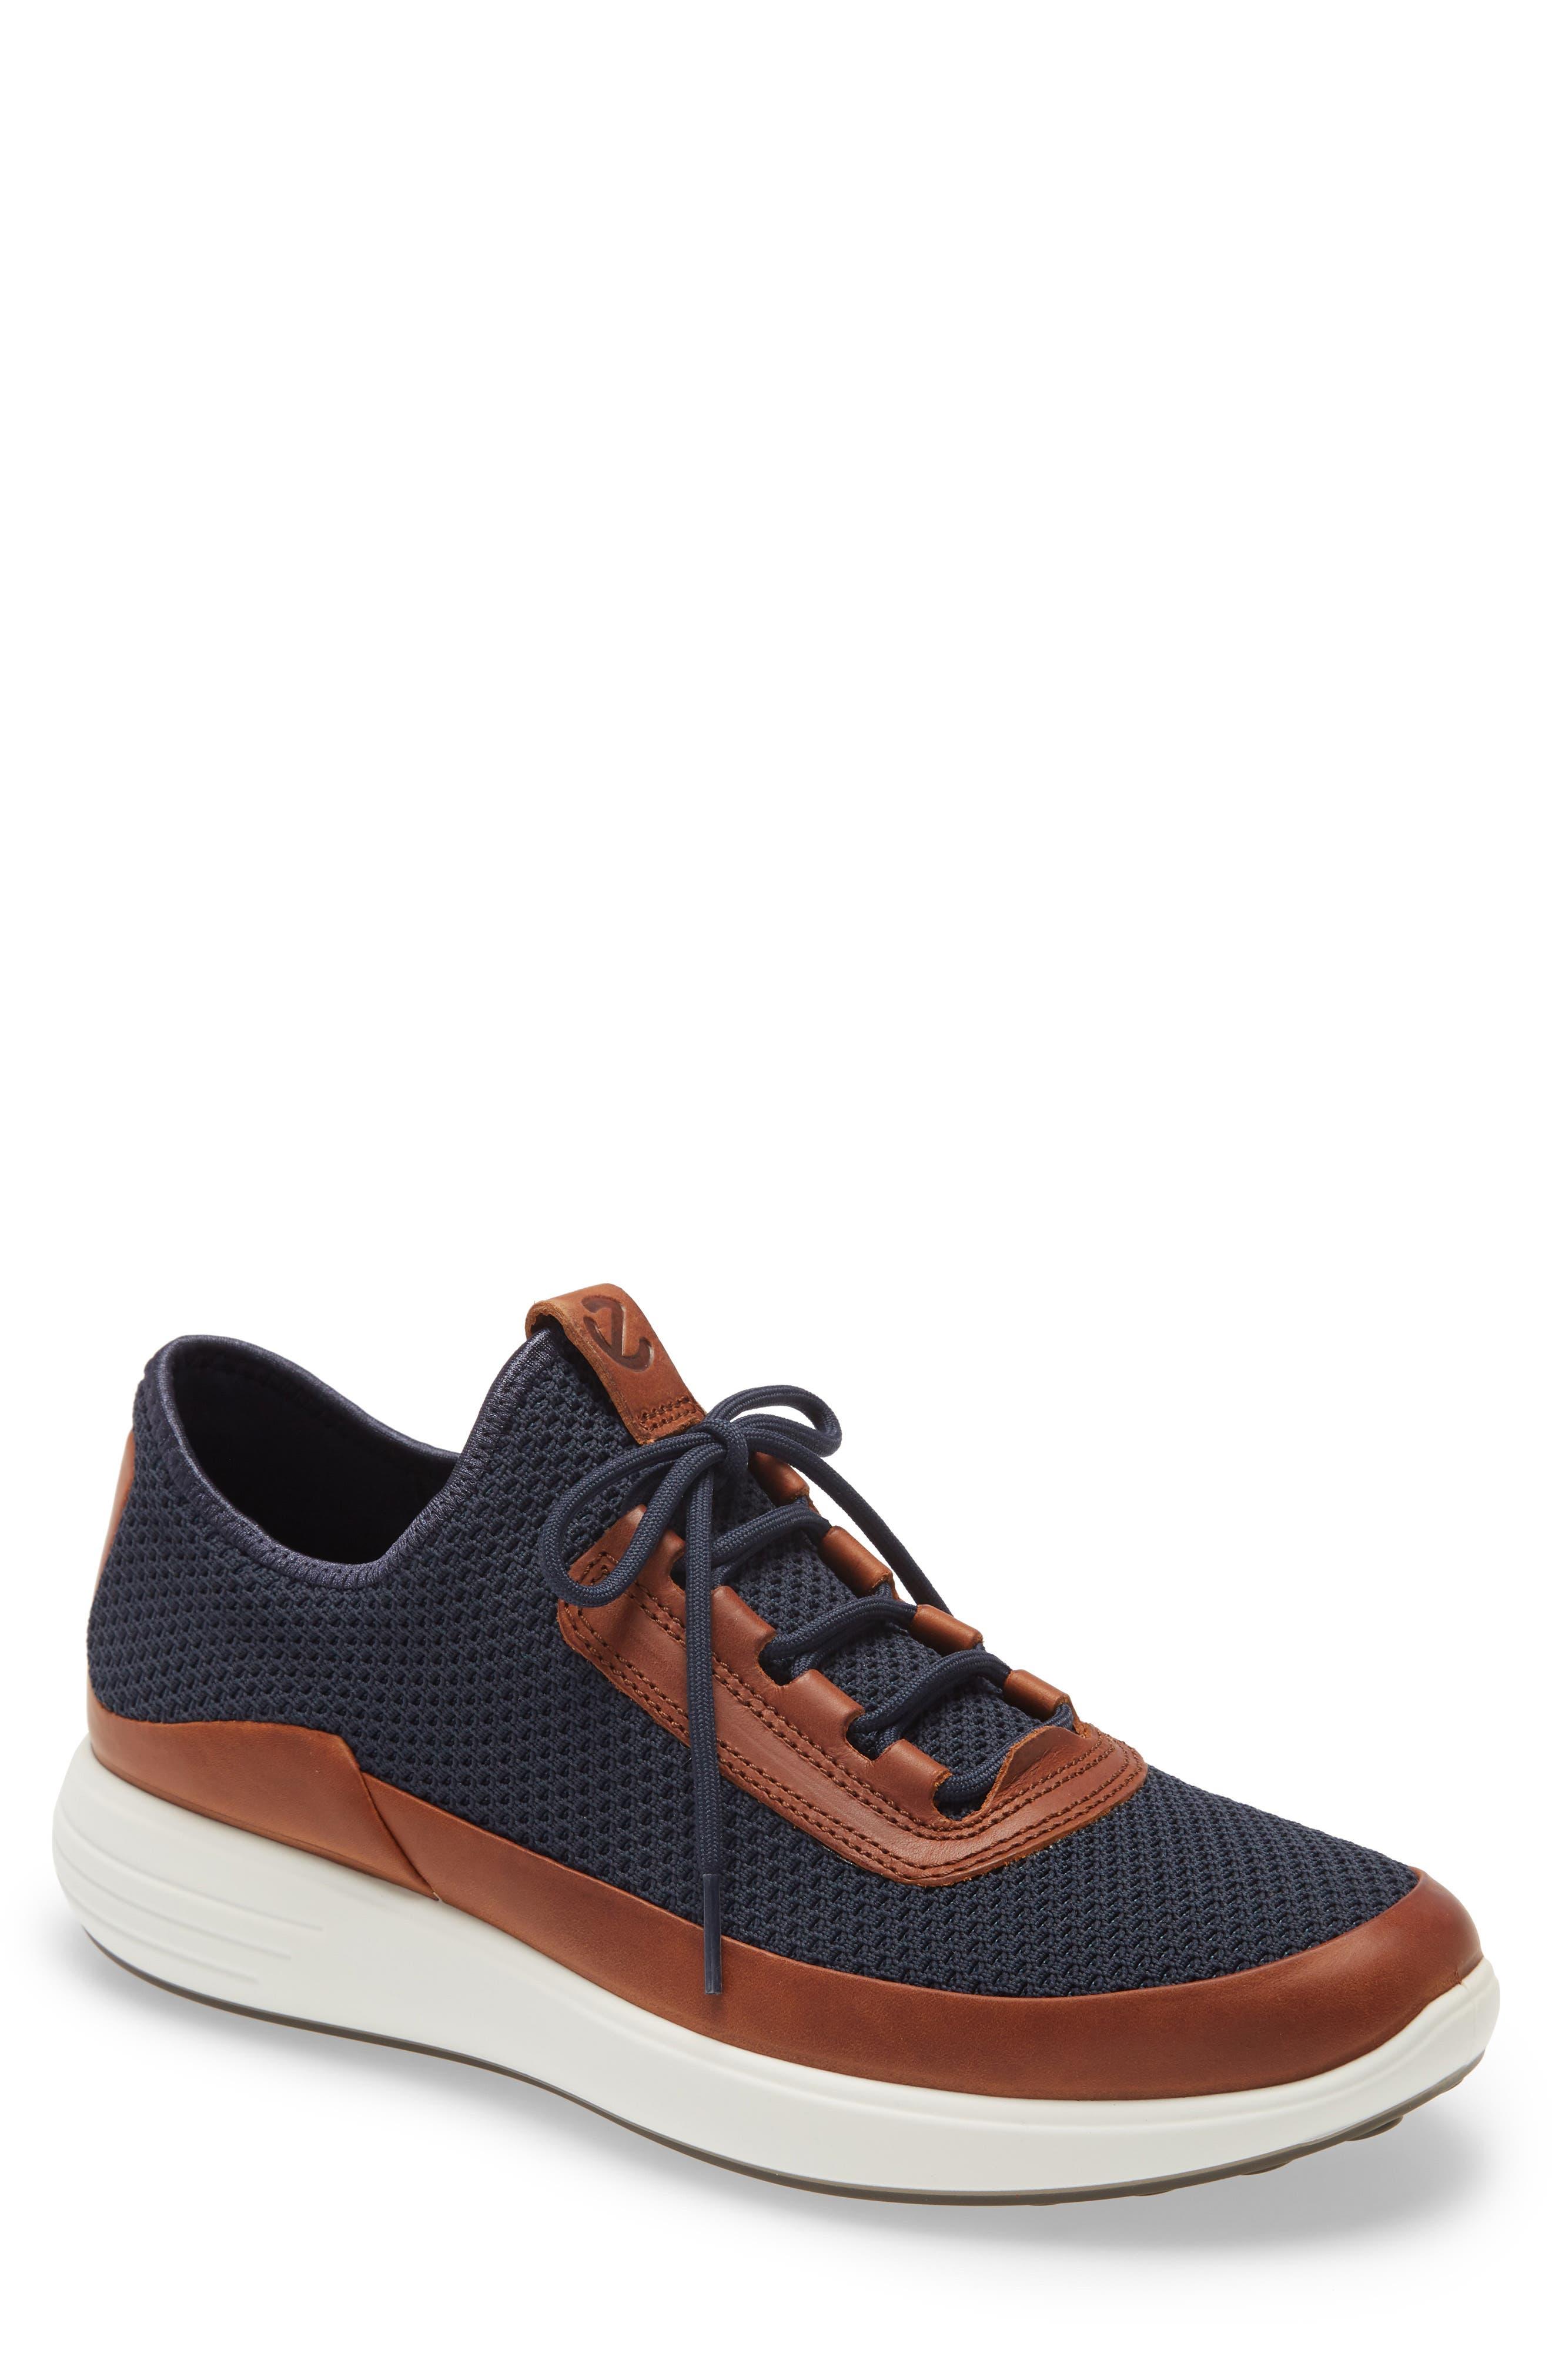 Men's Ecco Soft 7 Runner Summer Sneaker